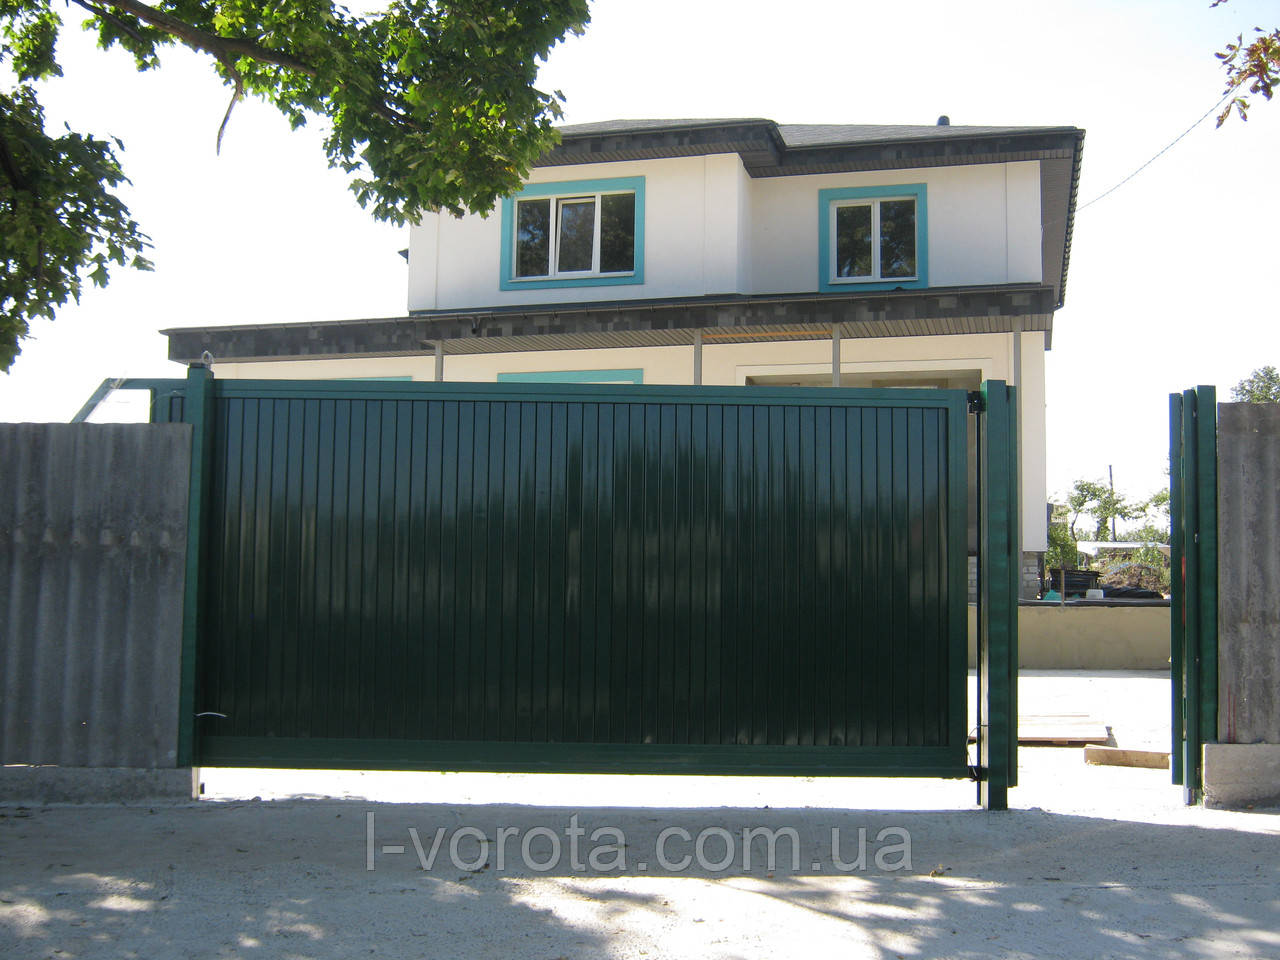 Откатные (сдвижные) ворота ТМ Хардвик 3500, 2100 (дизайн стандарт)